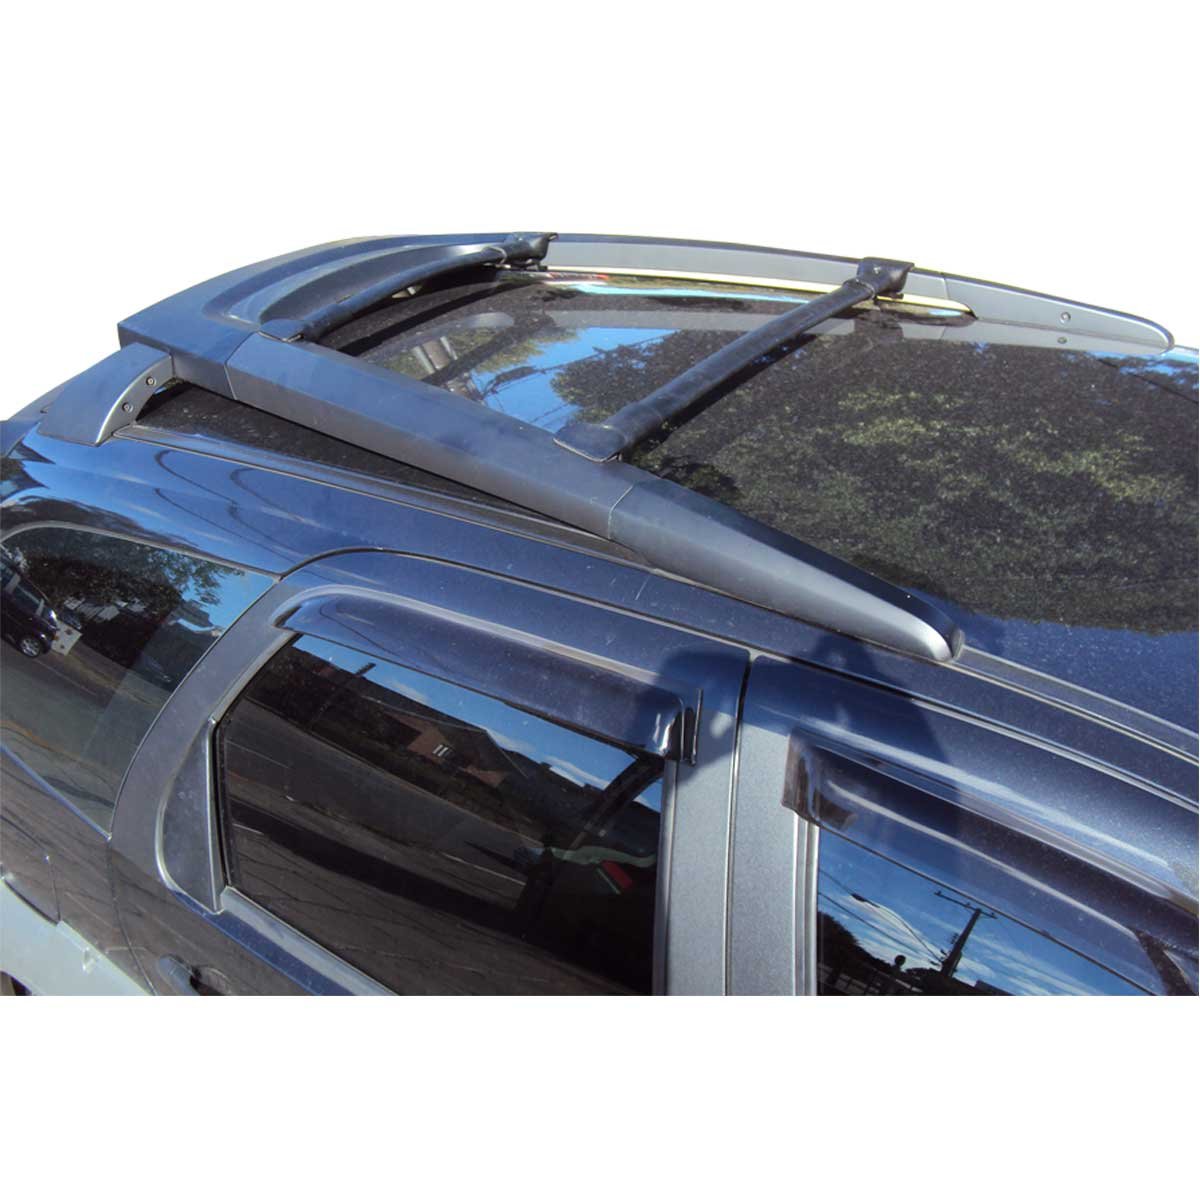 Travessa rack de teto larga preta alumínio Strada Adventure 2009 a 2018